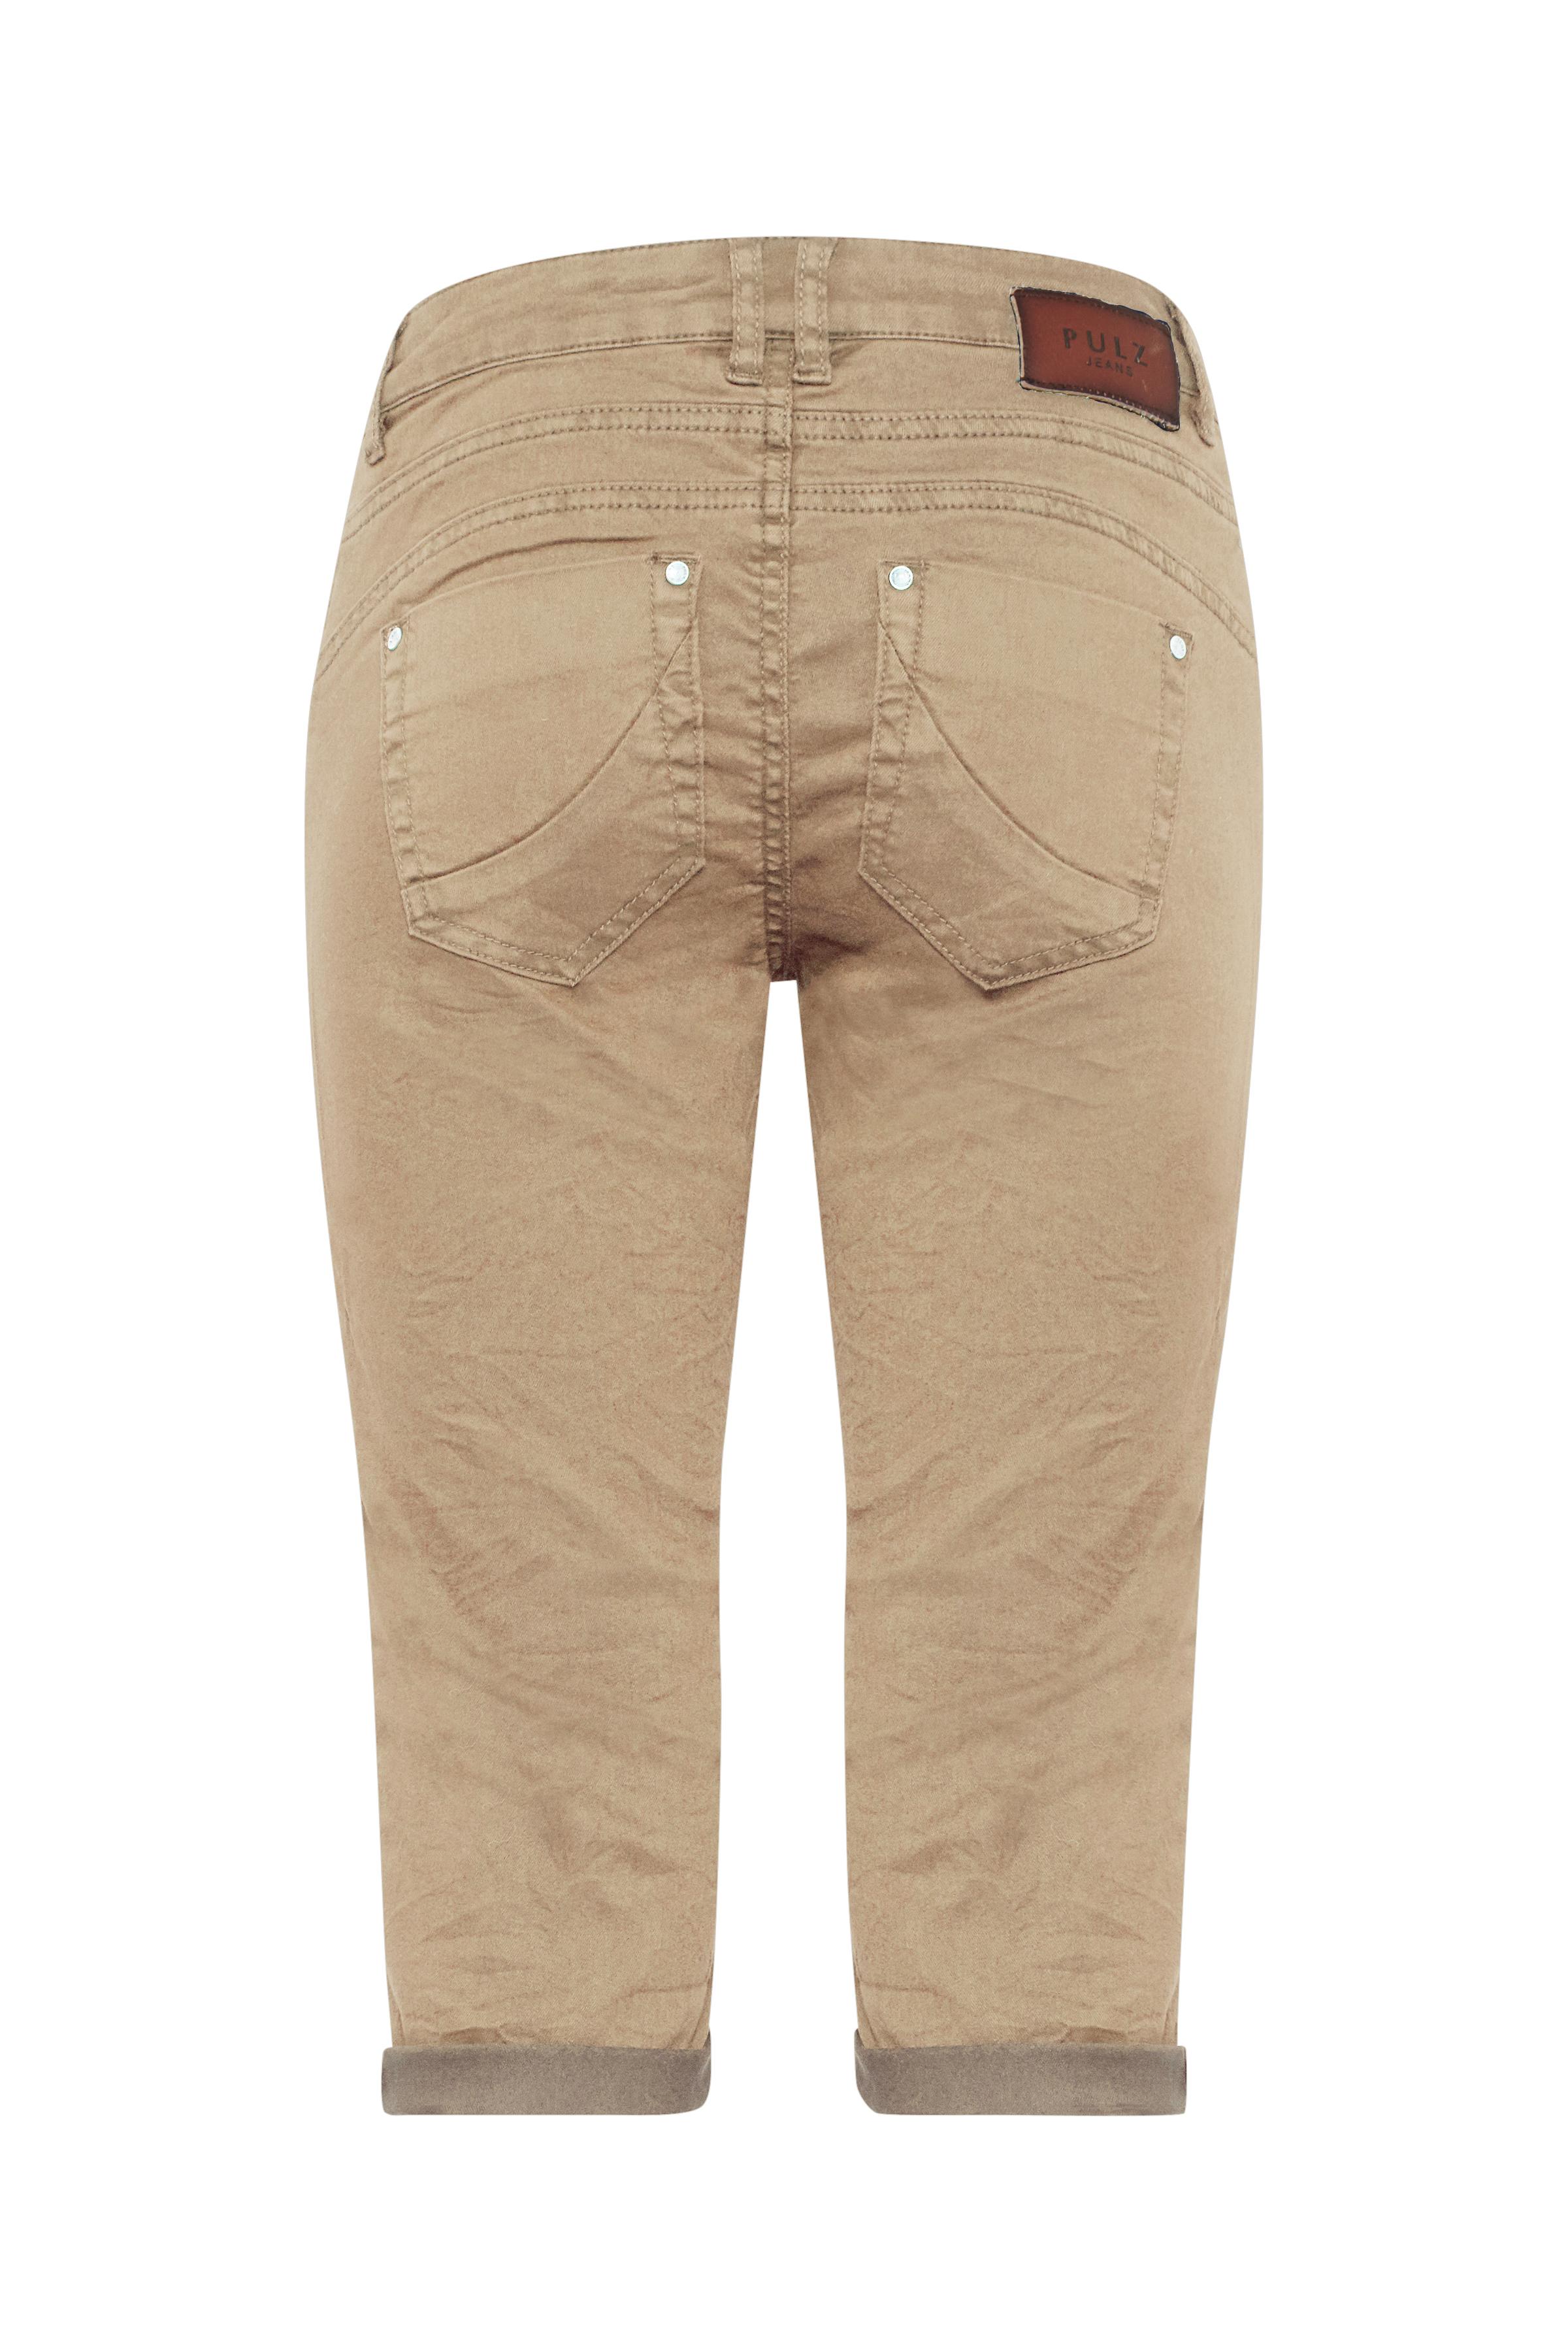 Sand Casual bukser fra Pulz Jeans – Køb Sand Casual bukser fra str. 32-46 her